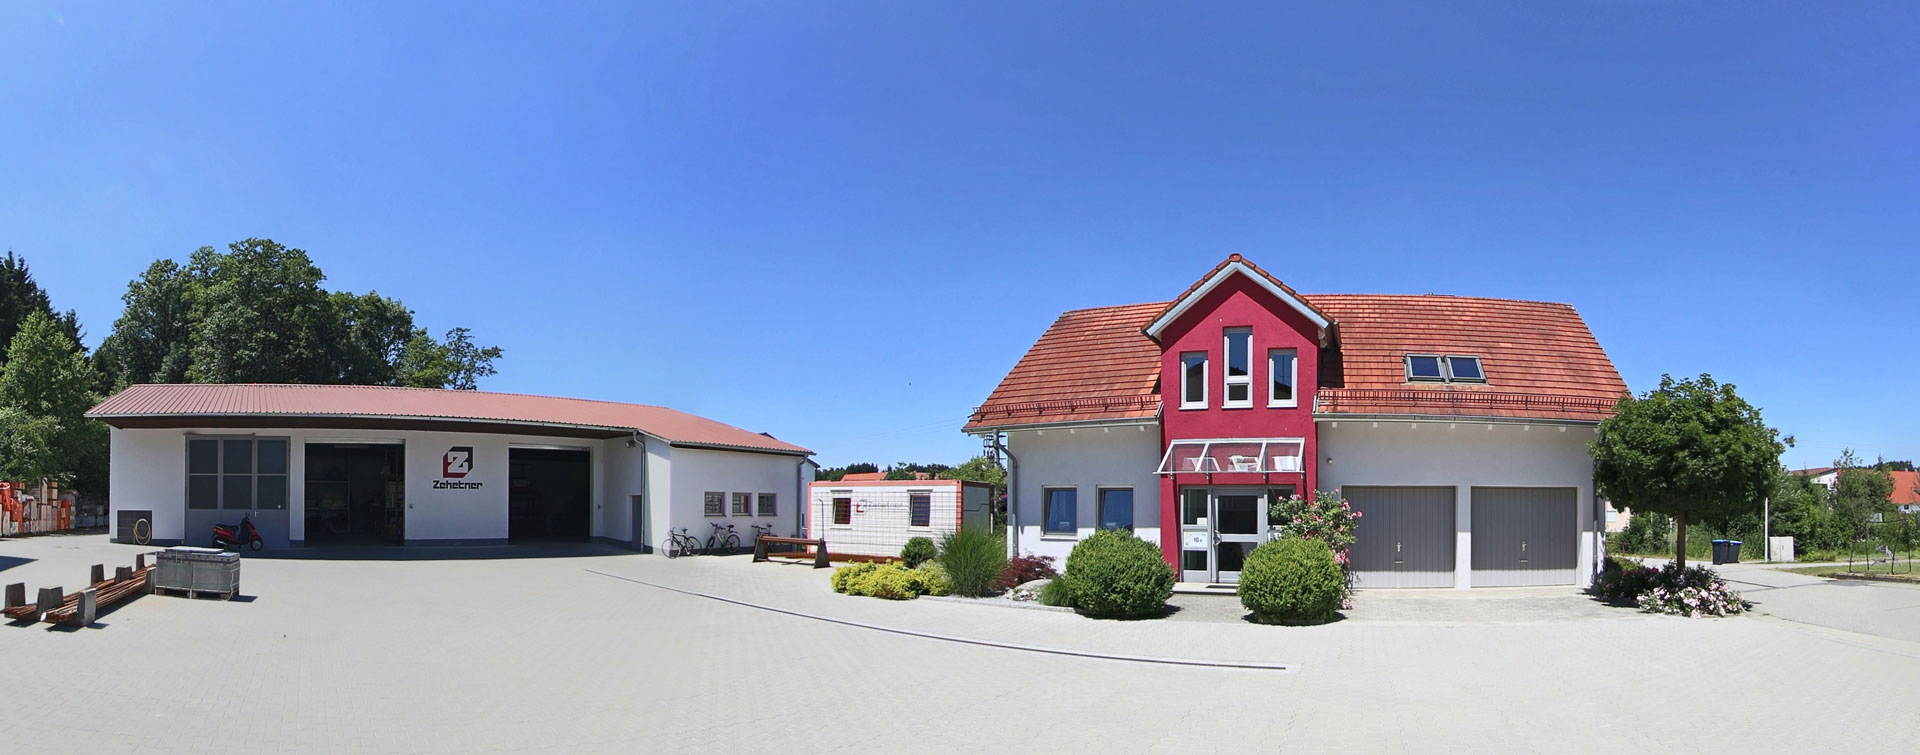 Zehetner Plan + Bau GmbH in Inning am Holz bei Ottering